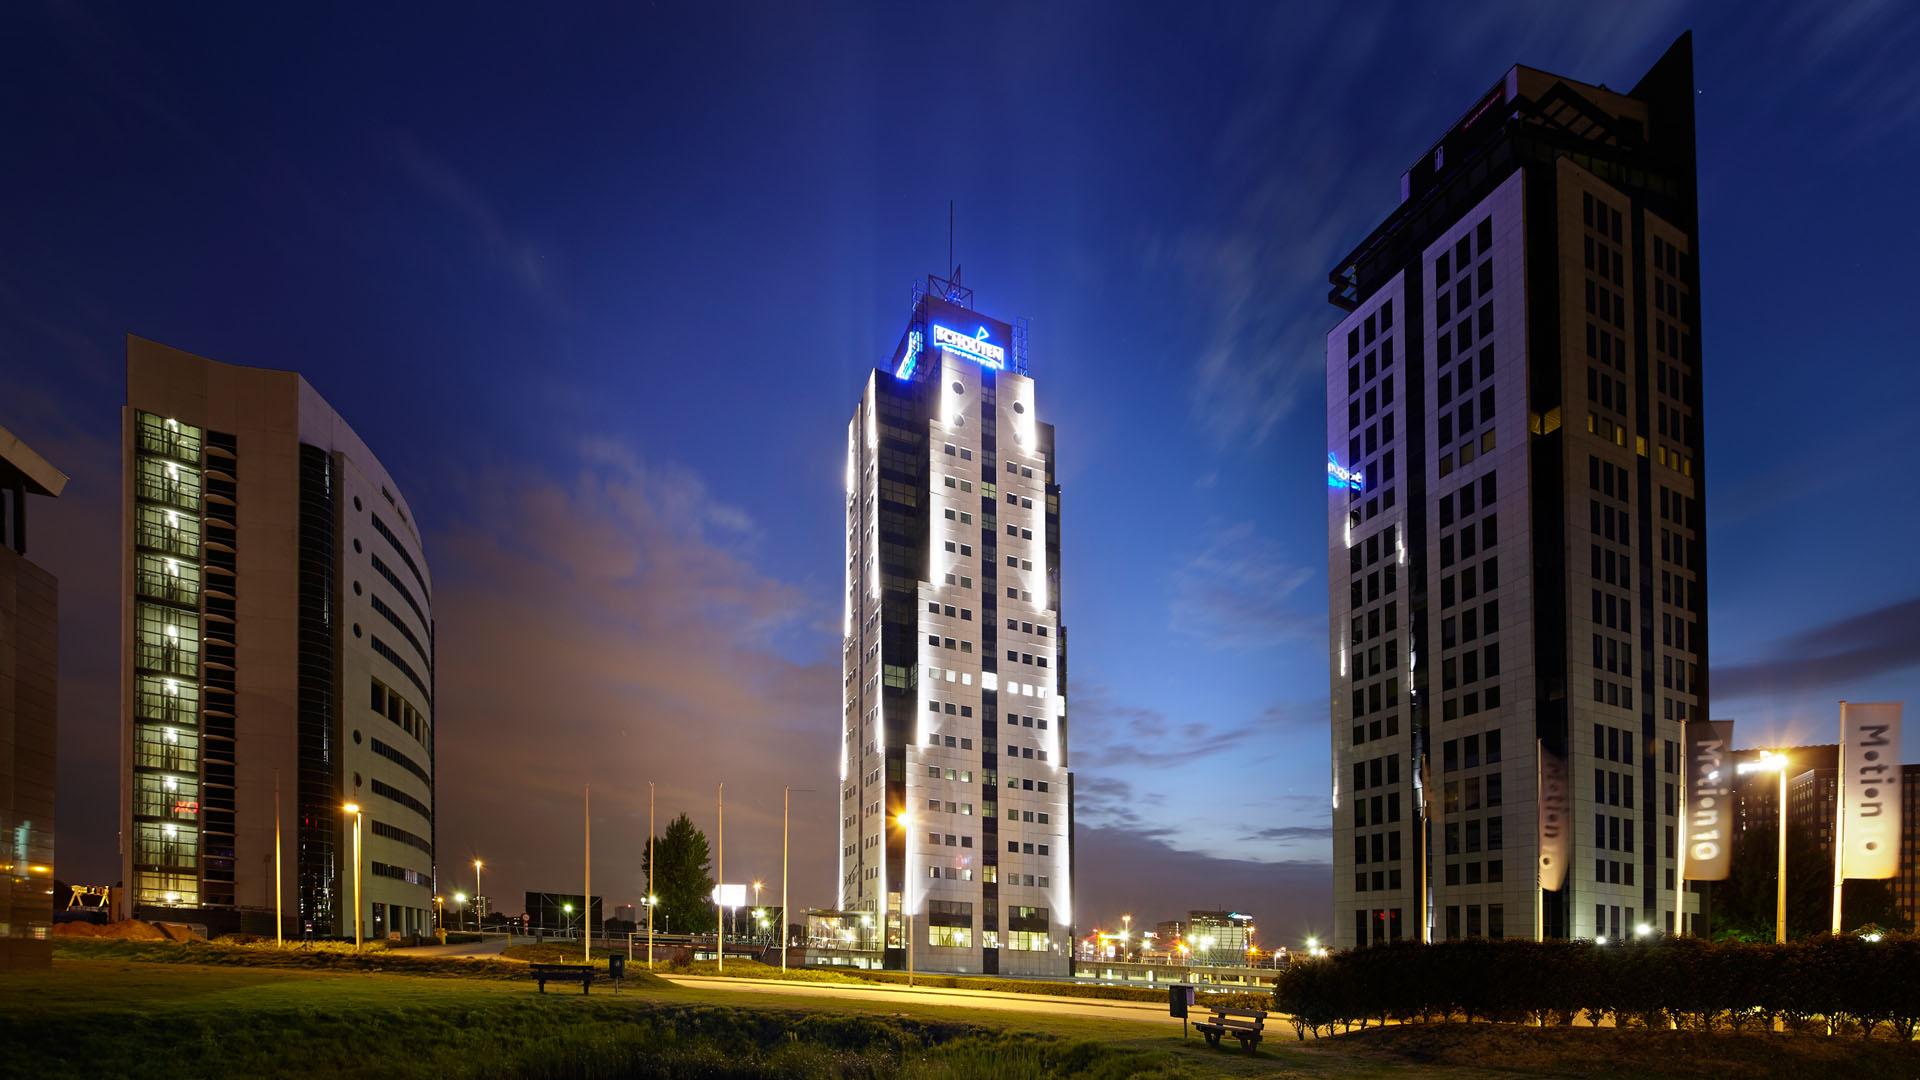 MAASS-Lichtplanung_Fassadenbeleuchtung in den Niederlanden__MAASS-Shouten-Toren-004